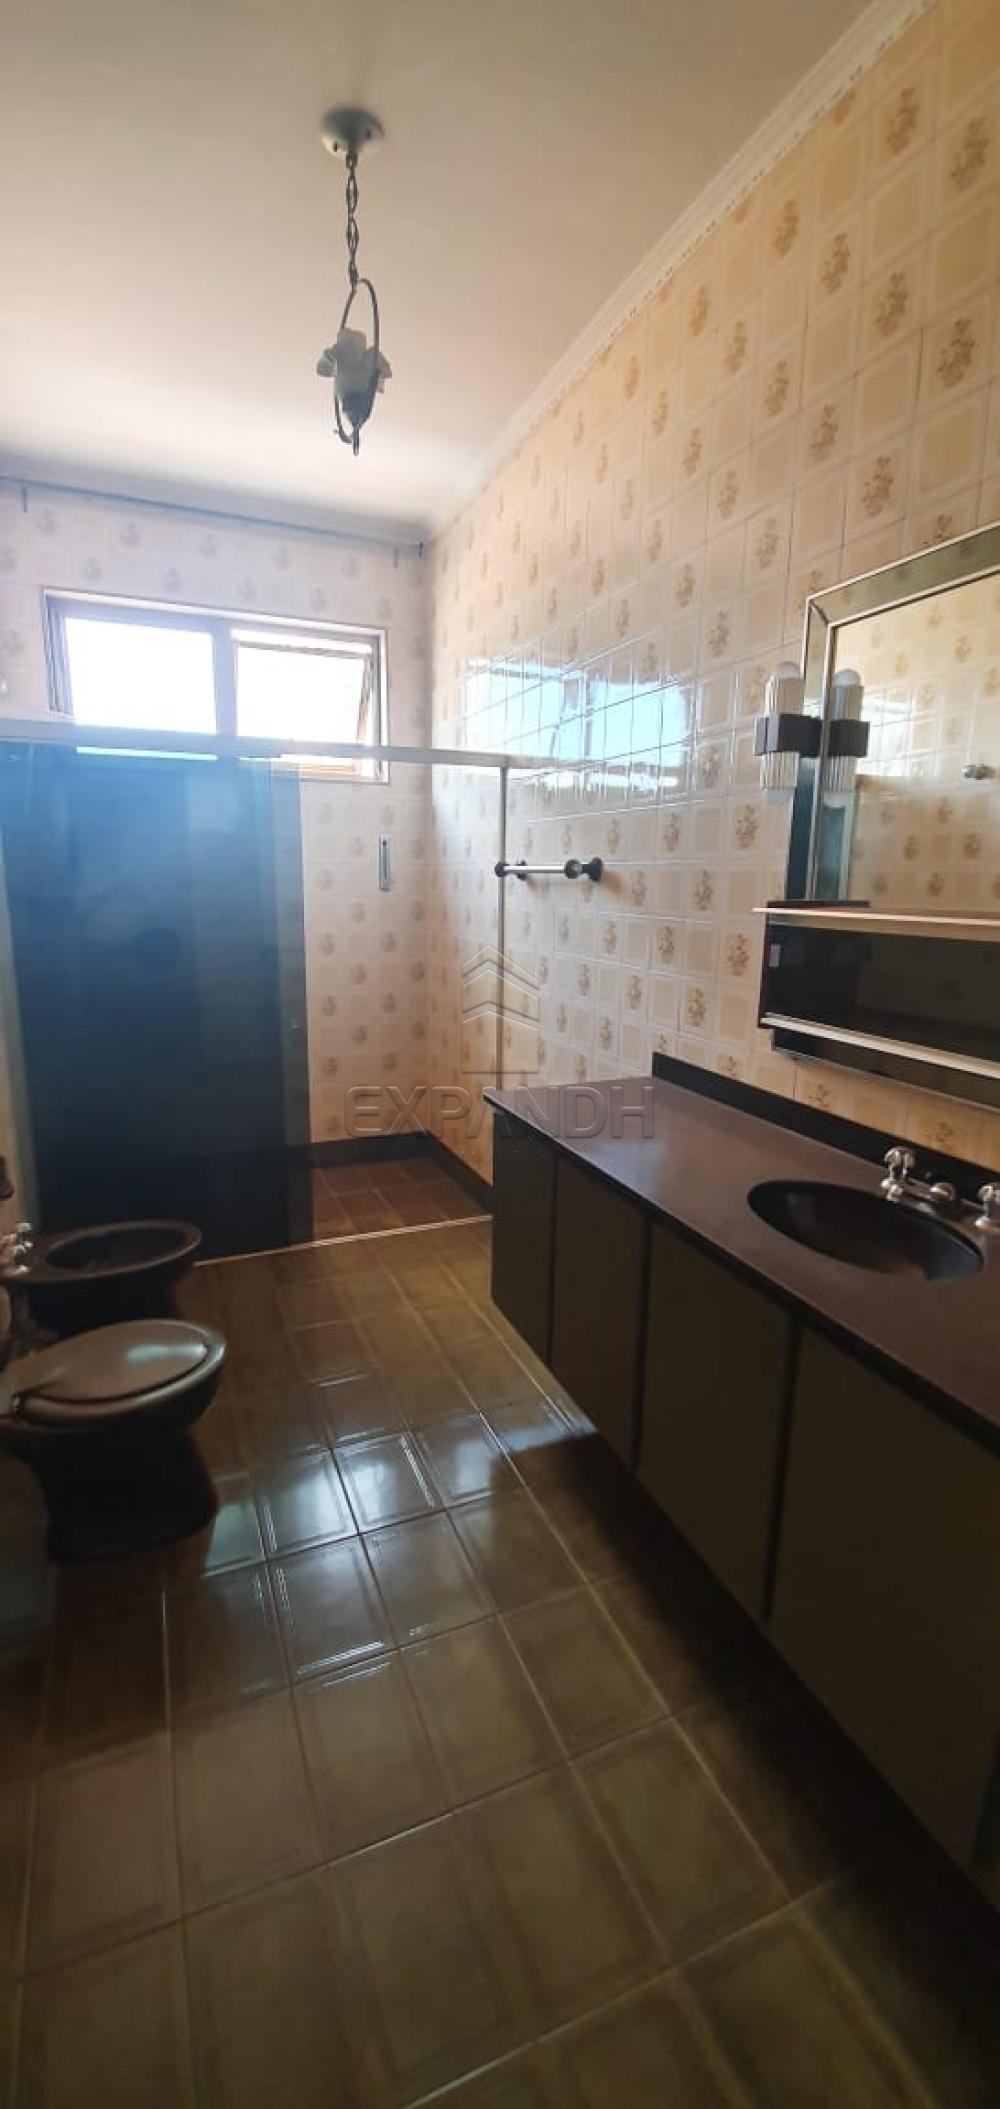 Comprar Apartamentos / Padrão em Sertãozinho apenas R$ 650.000,00 - Foto 15